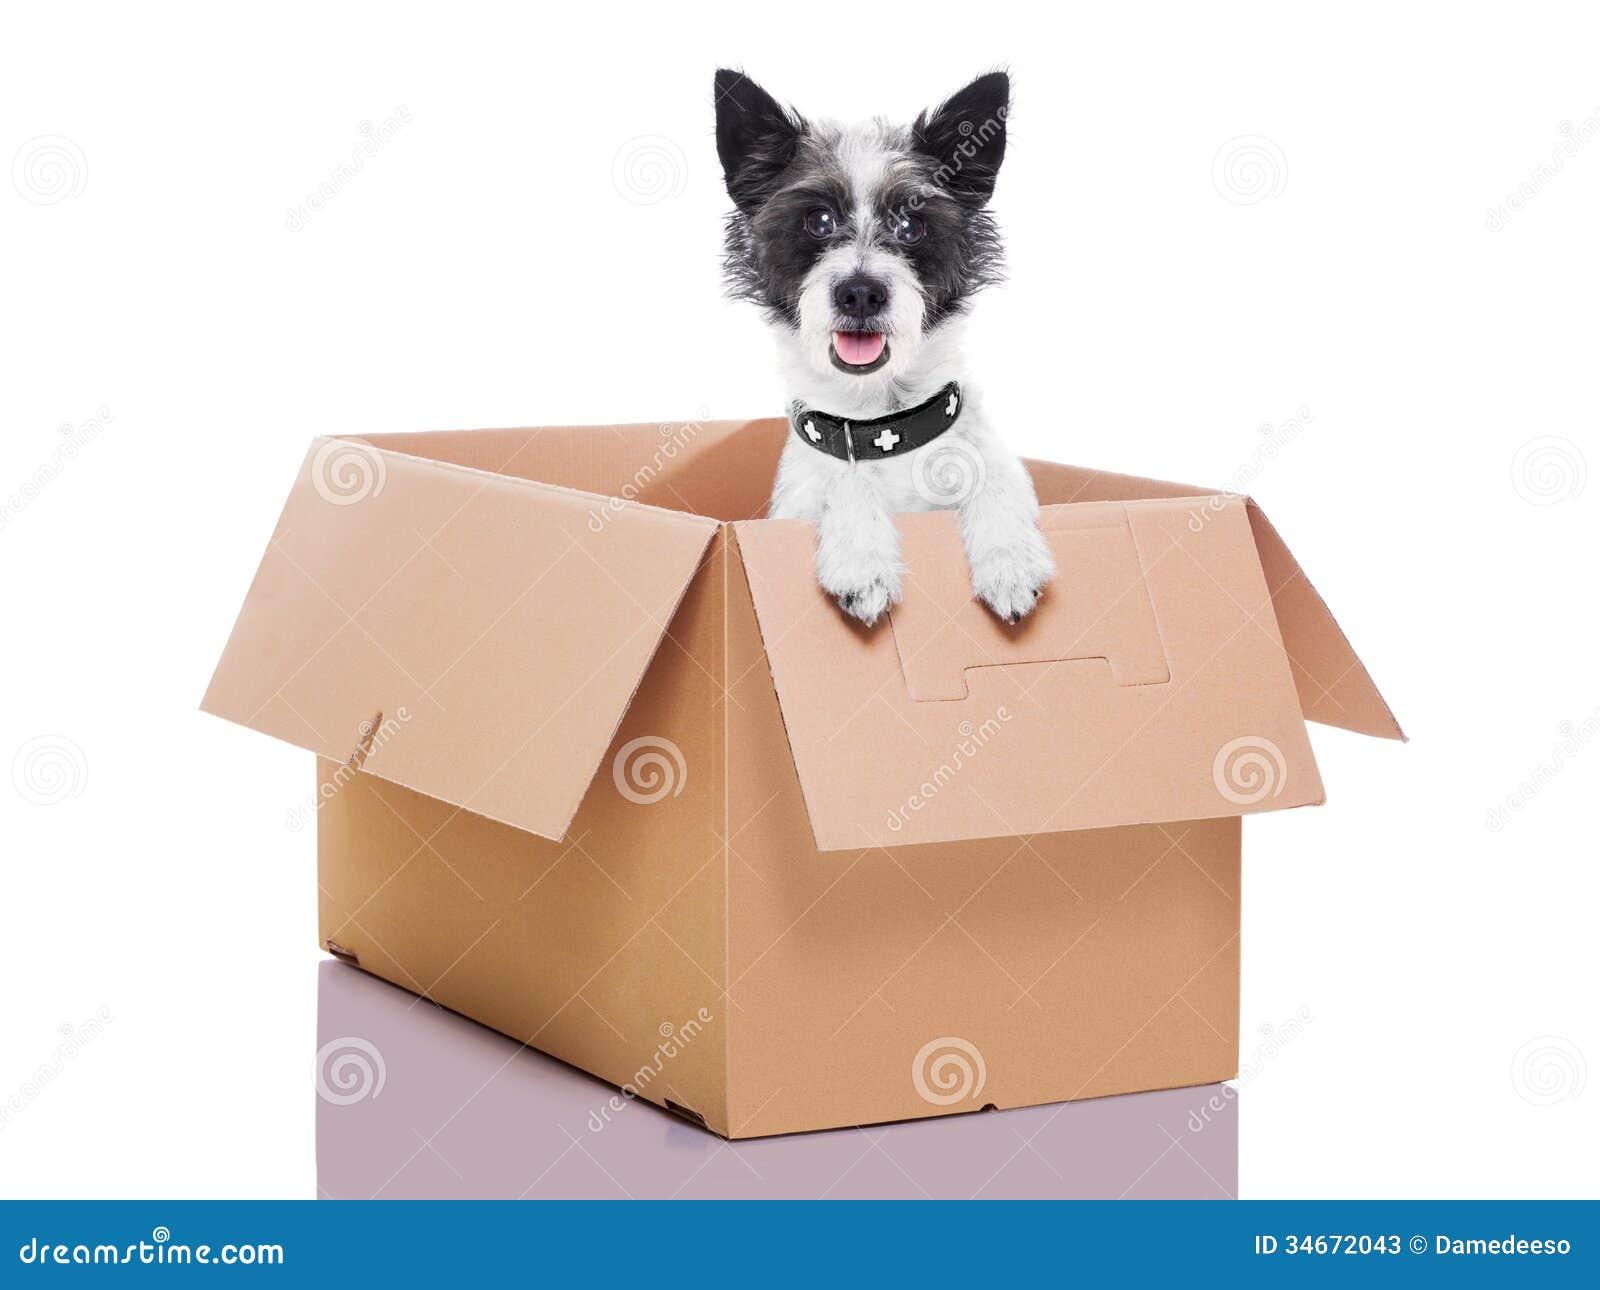 Moving Box Dog Stock Photos Image 34672043